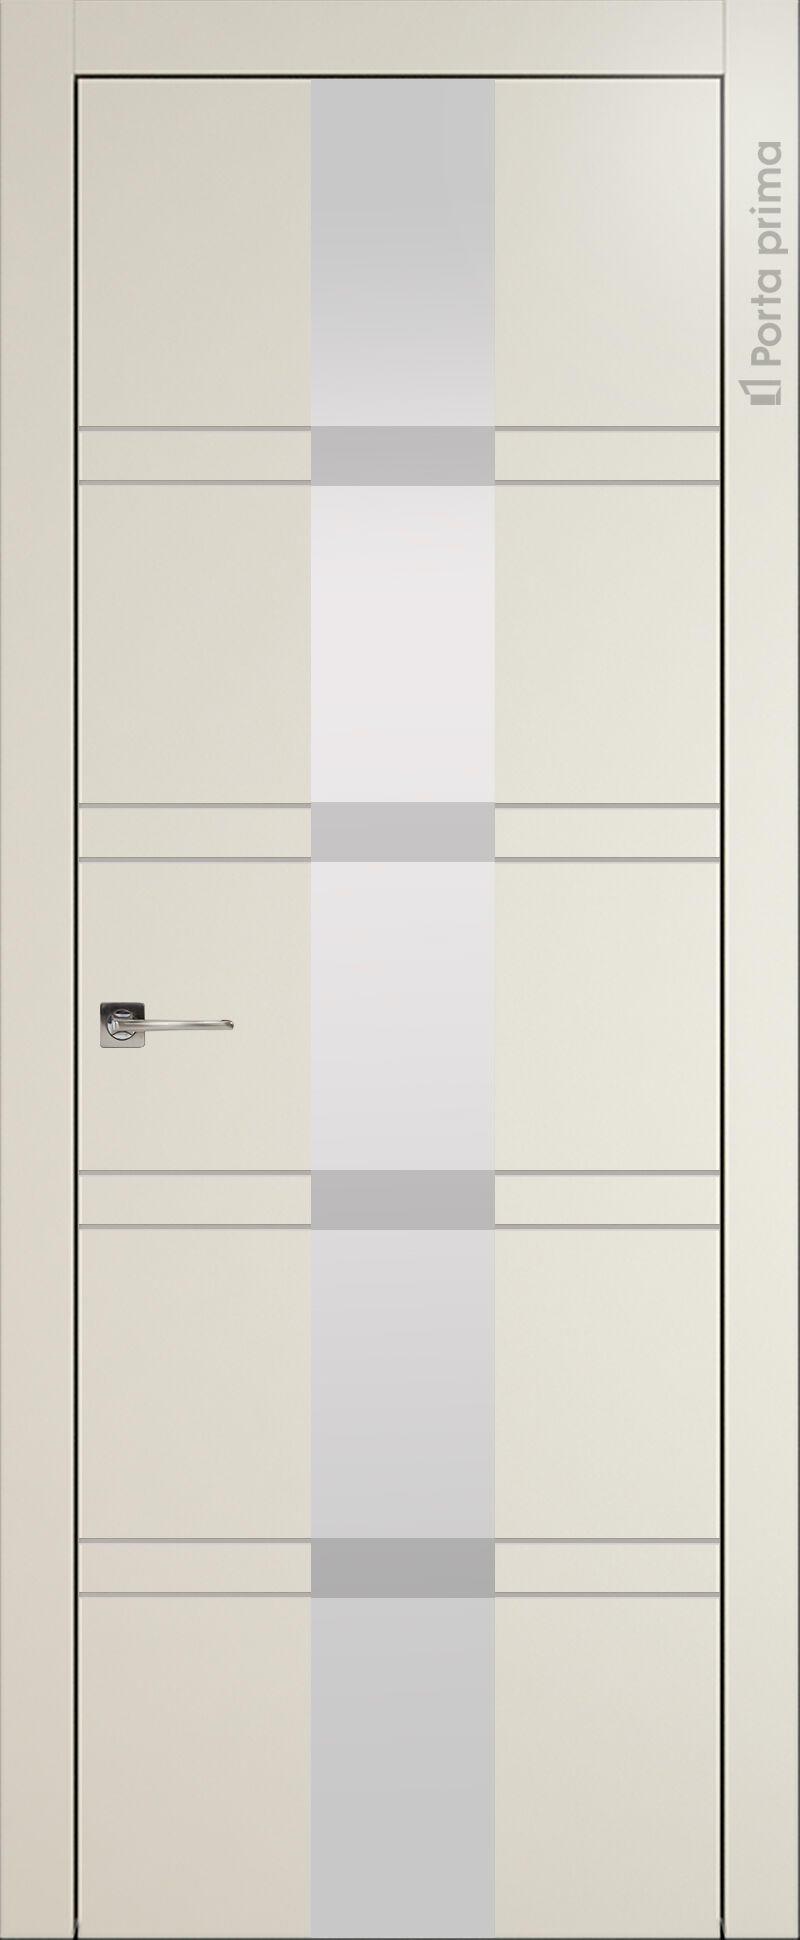 Tivoli Ж-4 цвет - Жемчужная эмаль (RAL 1013) Со стеклом (ДО)